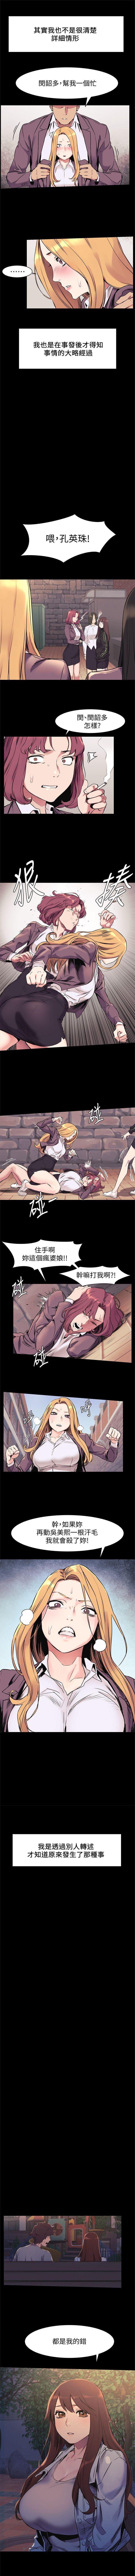 衝突 1-100官方中文(連載中) 268